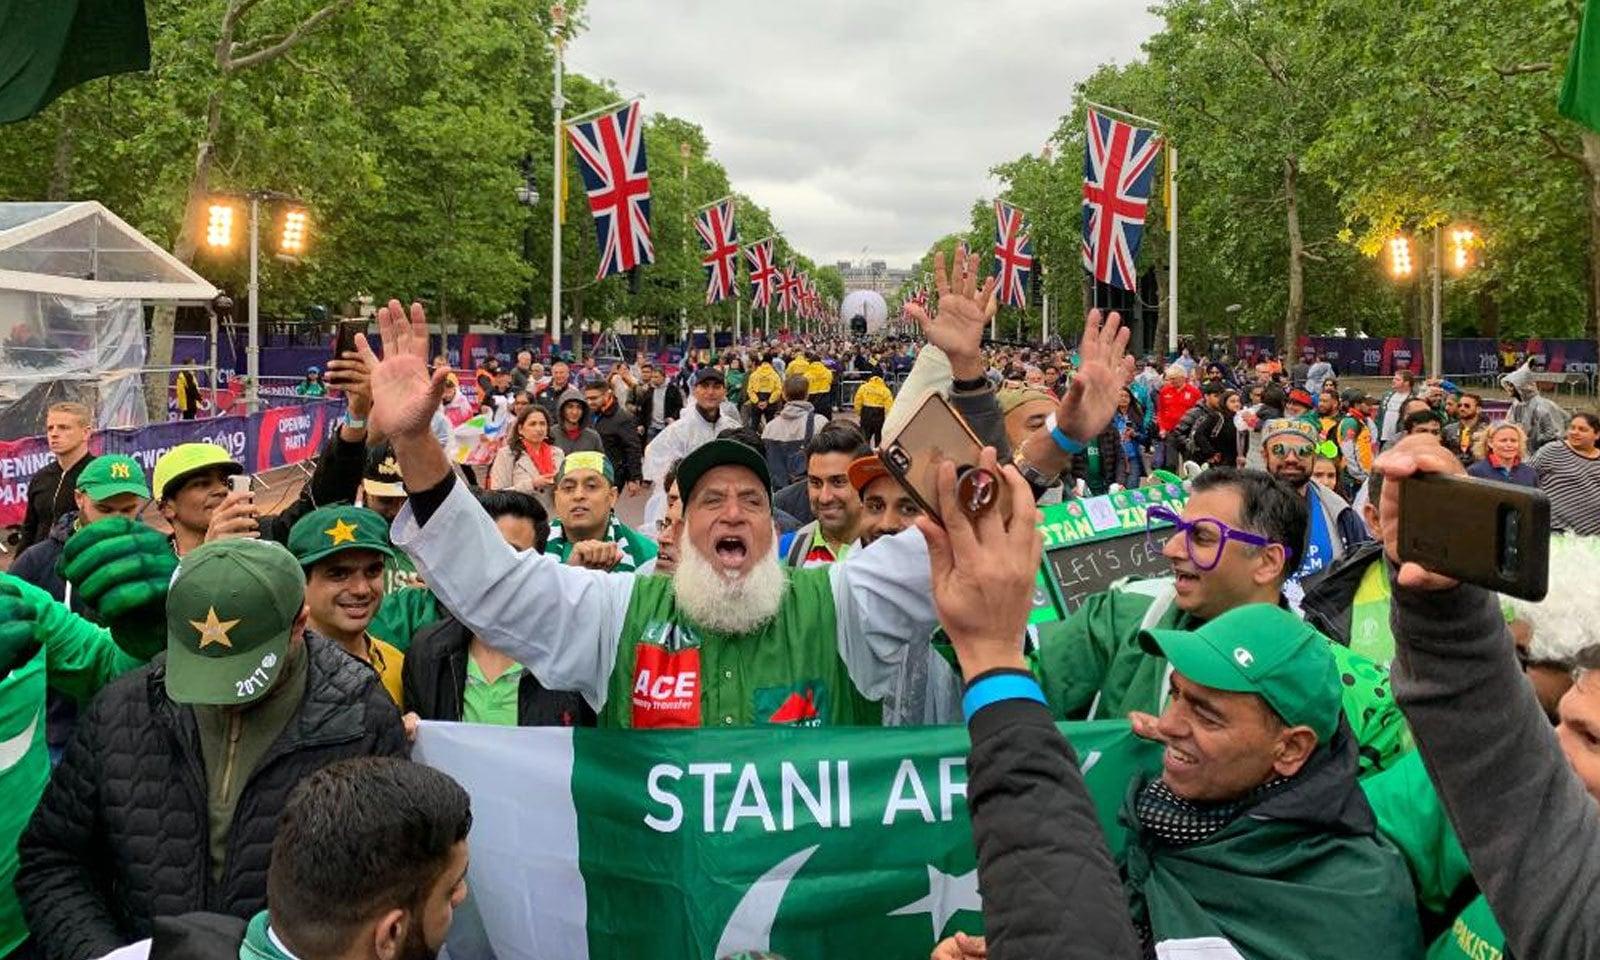 تقریب میں پاکستانیوں کی بھی بڑی تعداد نے شرکت کی — فوٹو: ورلڈ کپ ٹوئٹر